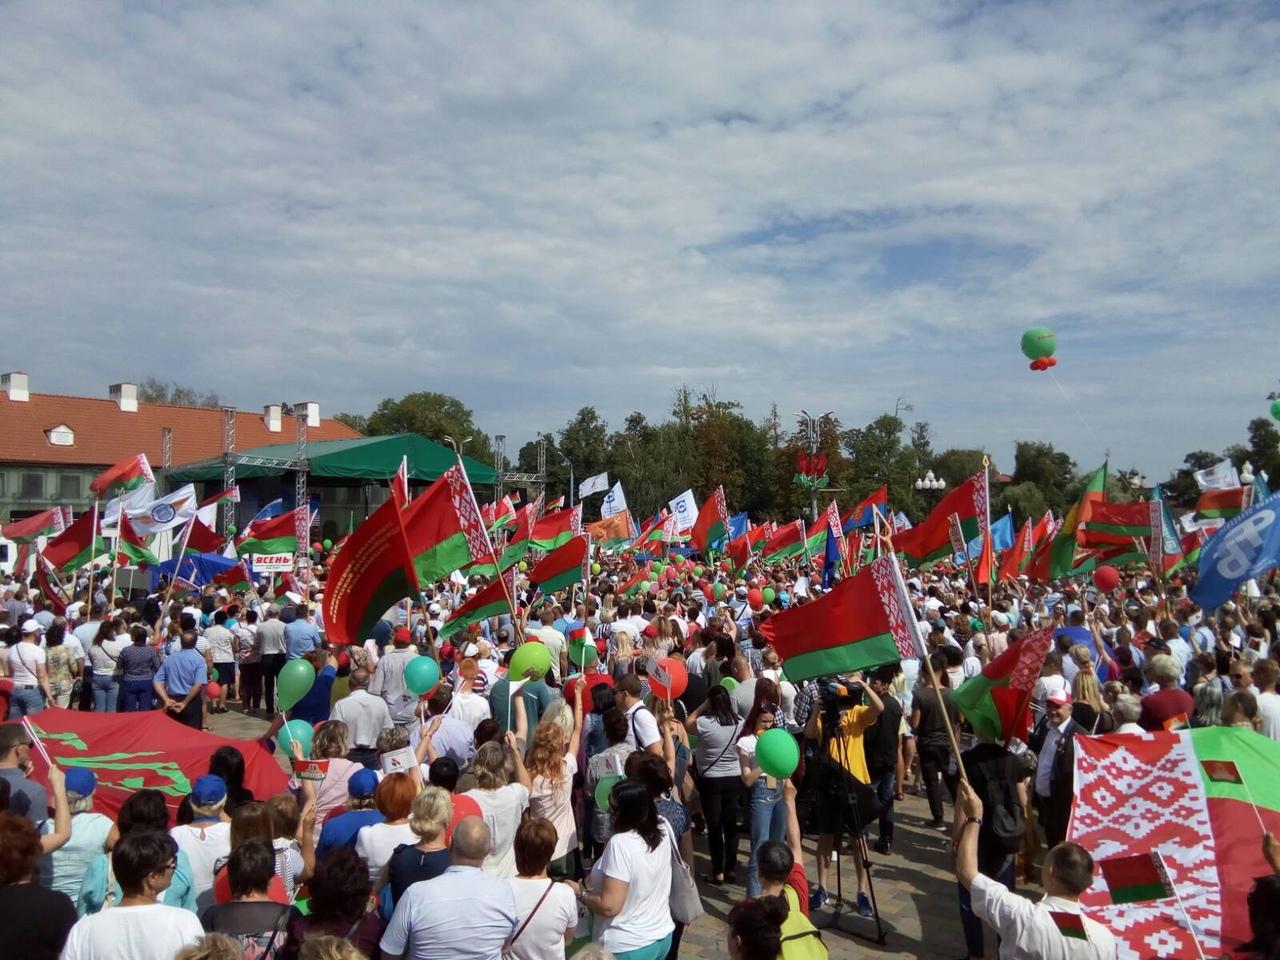 В Гродно проходит митинг «Не дадим развалить страну!» в поддержку мира, безопасности и спокойствия (Будет дополнено)